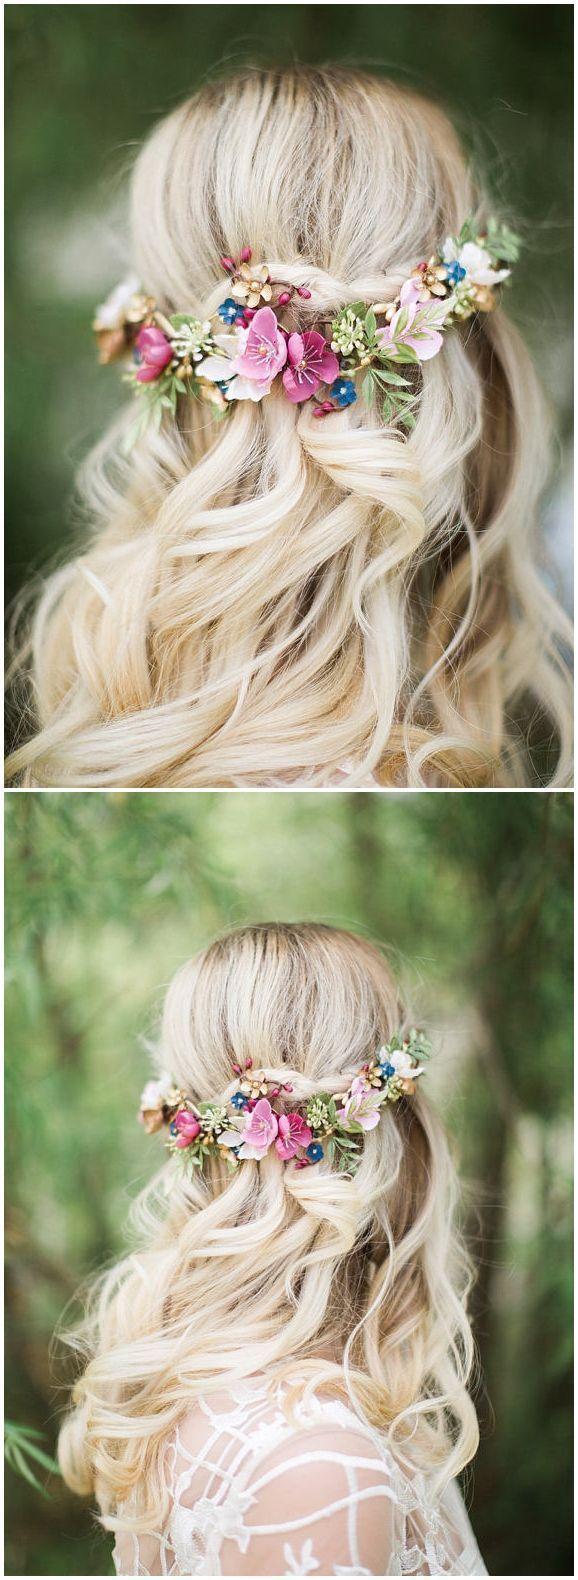 Brauthaarspange, Brautkopfschmuck, Blumenhaarwickel, staubige lila Kopfbedeckung – für Hochzeit